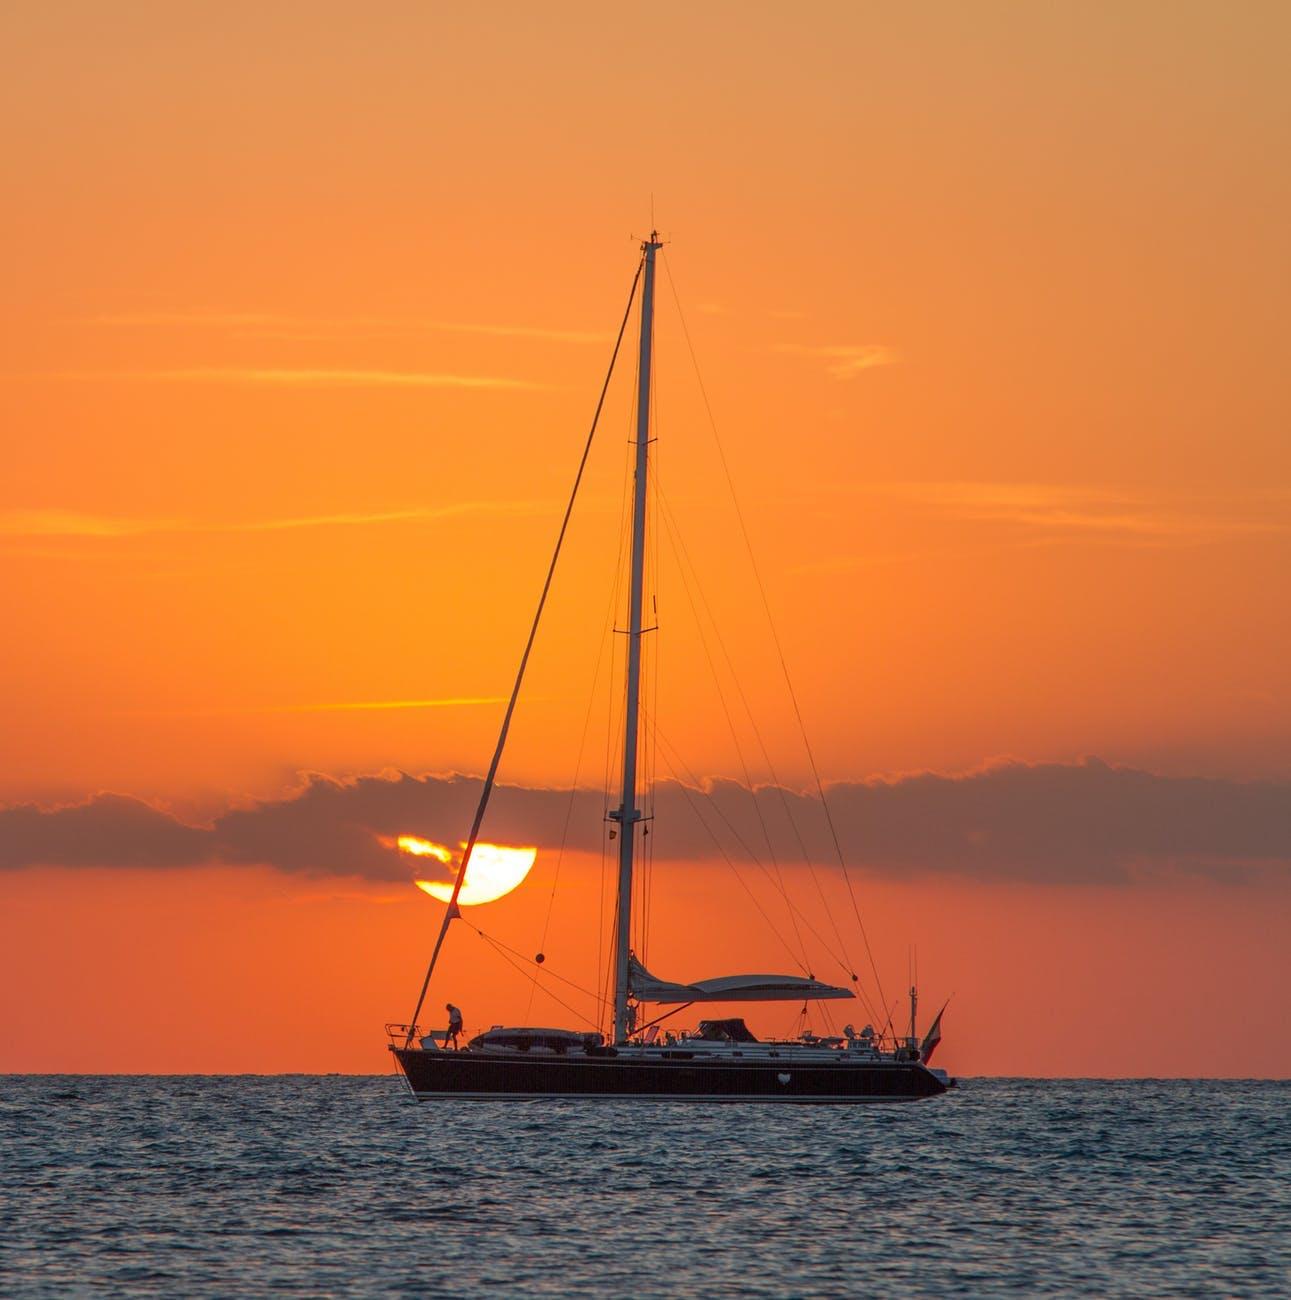 Boat,Vehicle,Sky,Sunset,Calm,Sailboat,Watercraft,Dhow,Sailing,Orange